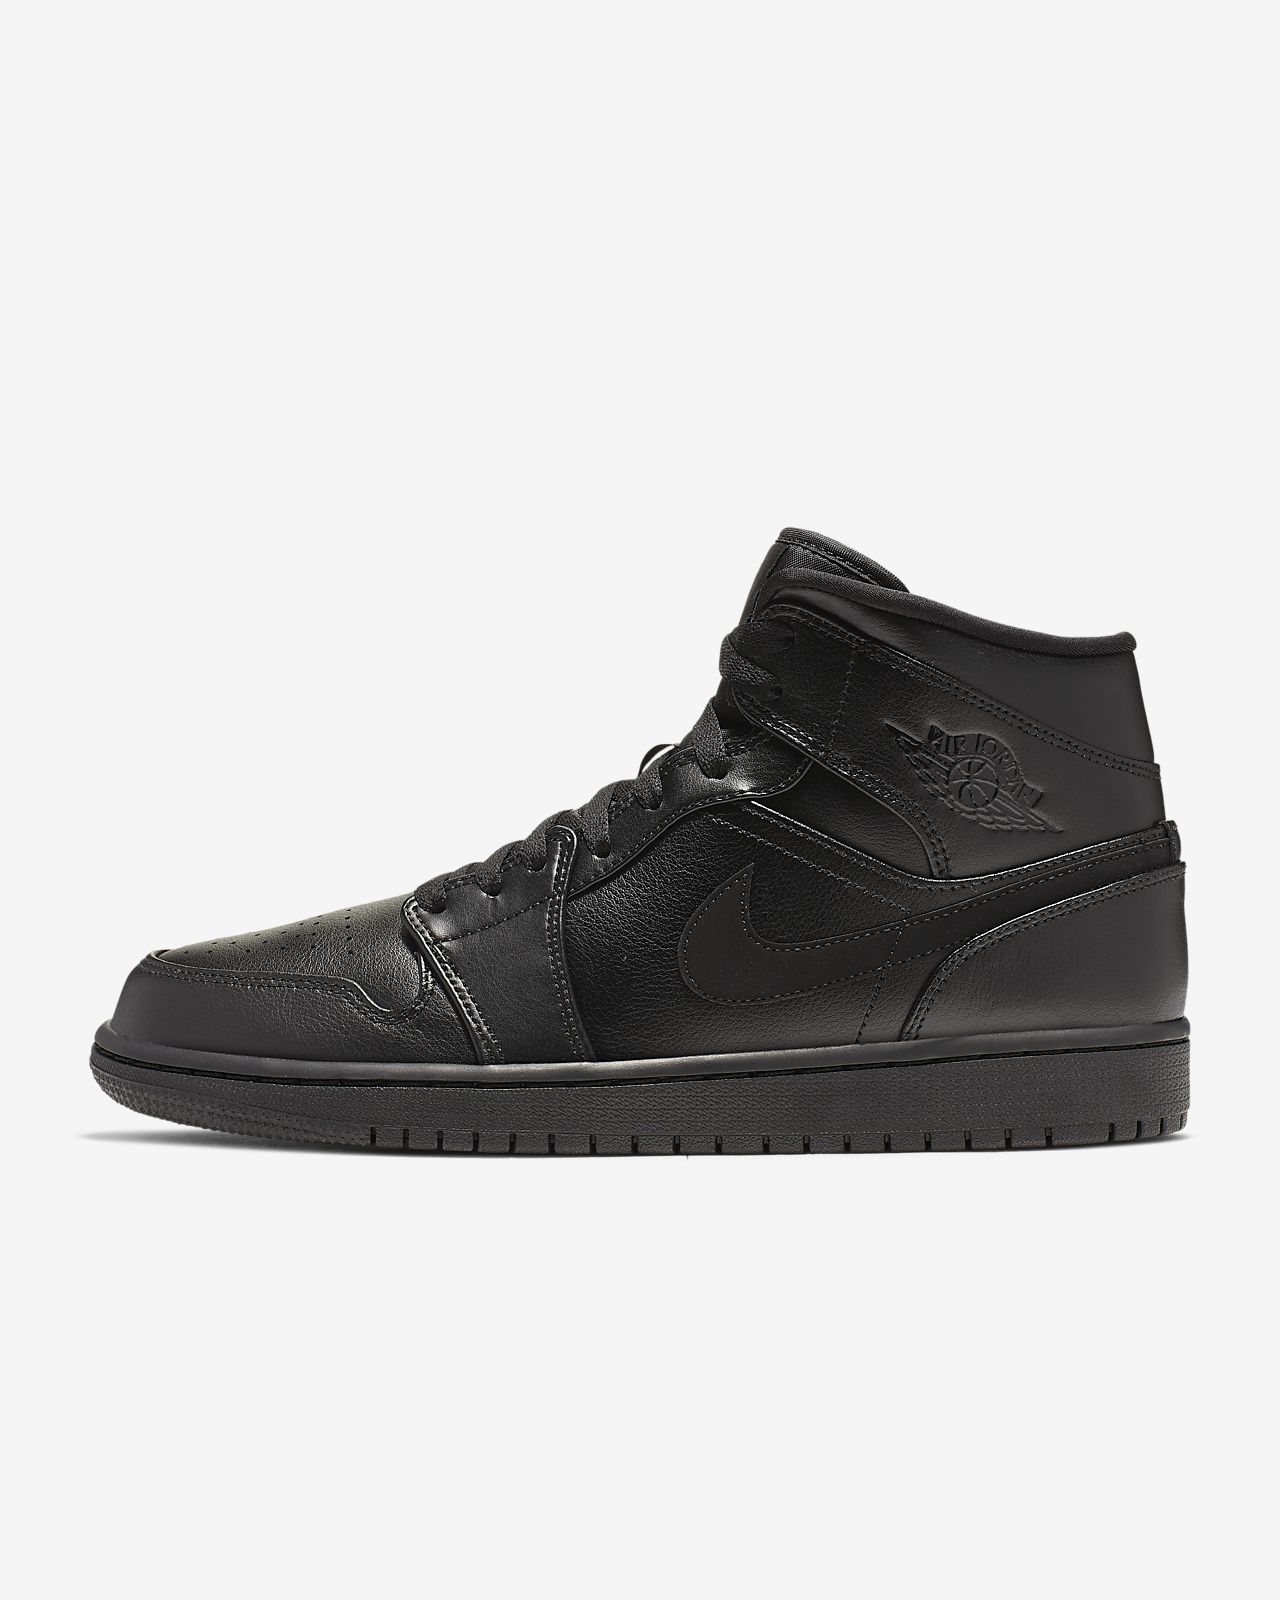 Chaussure Air Jordan 1 Mid pour Homme